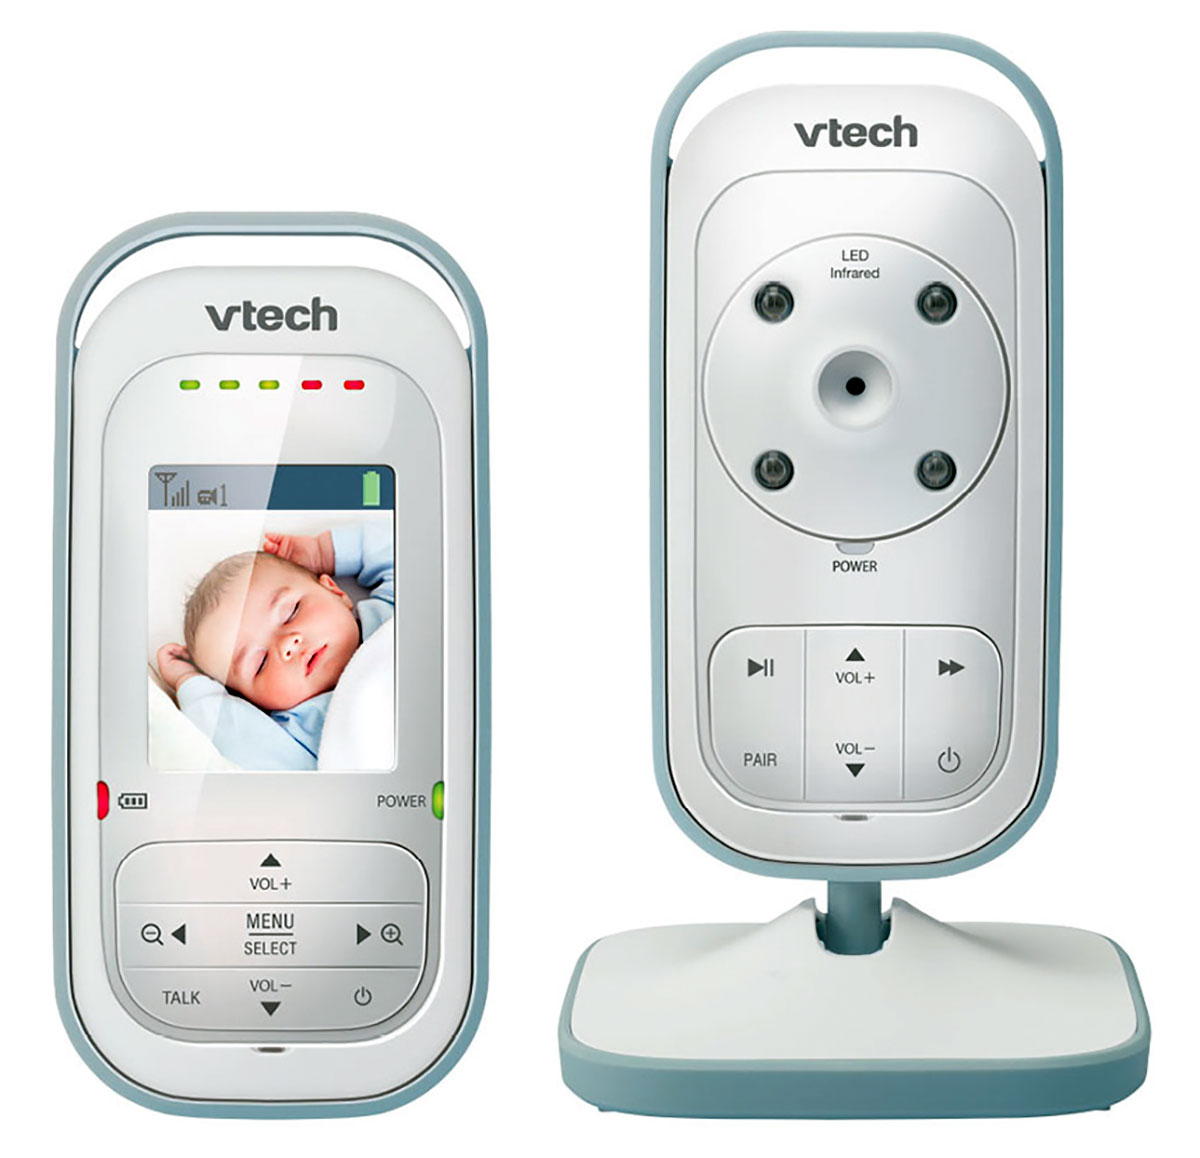 Vtech Видеоняня ВМ2500 inanny видеоняня цифровая с lcd дисплеем 2